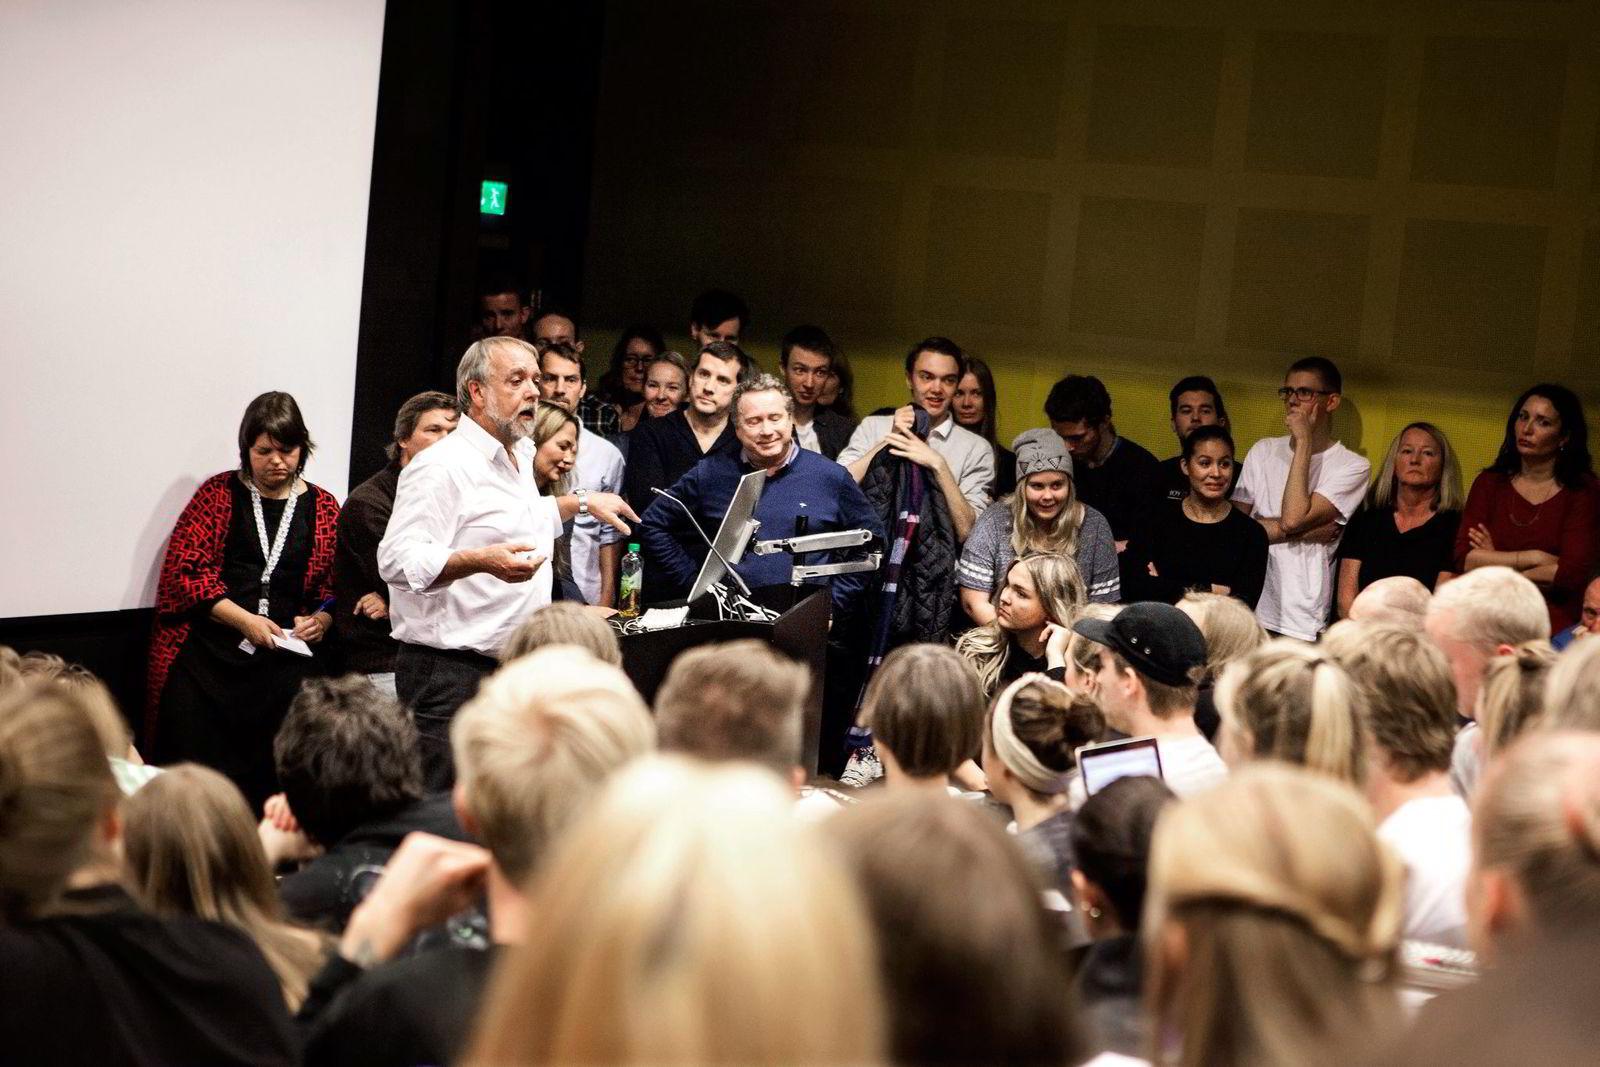 Westerdals-rektor Bjørn Jarle Hanssen holdt allmøter på skolens tre campus denne uken. Temperaturen var høyest på campus Vulkan, der studentene benyttet anledningen til å uttrykke sin misnøye med skolens drift og manglende fasiliteter.